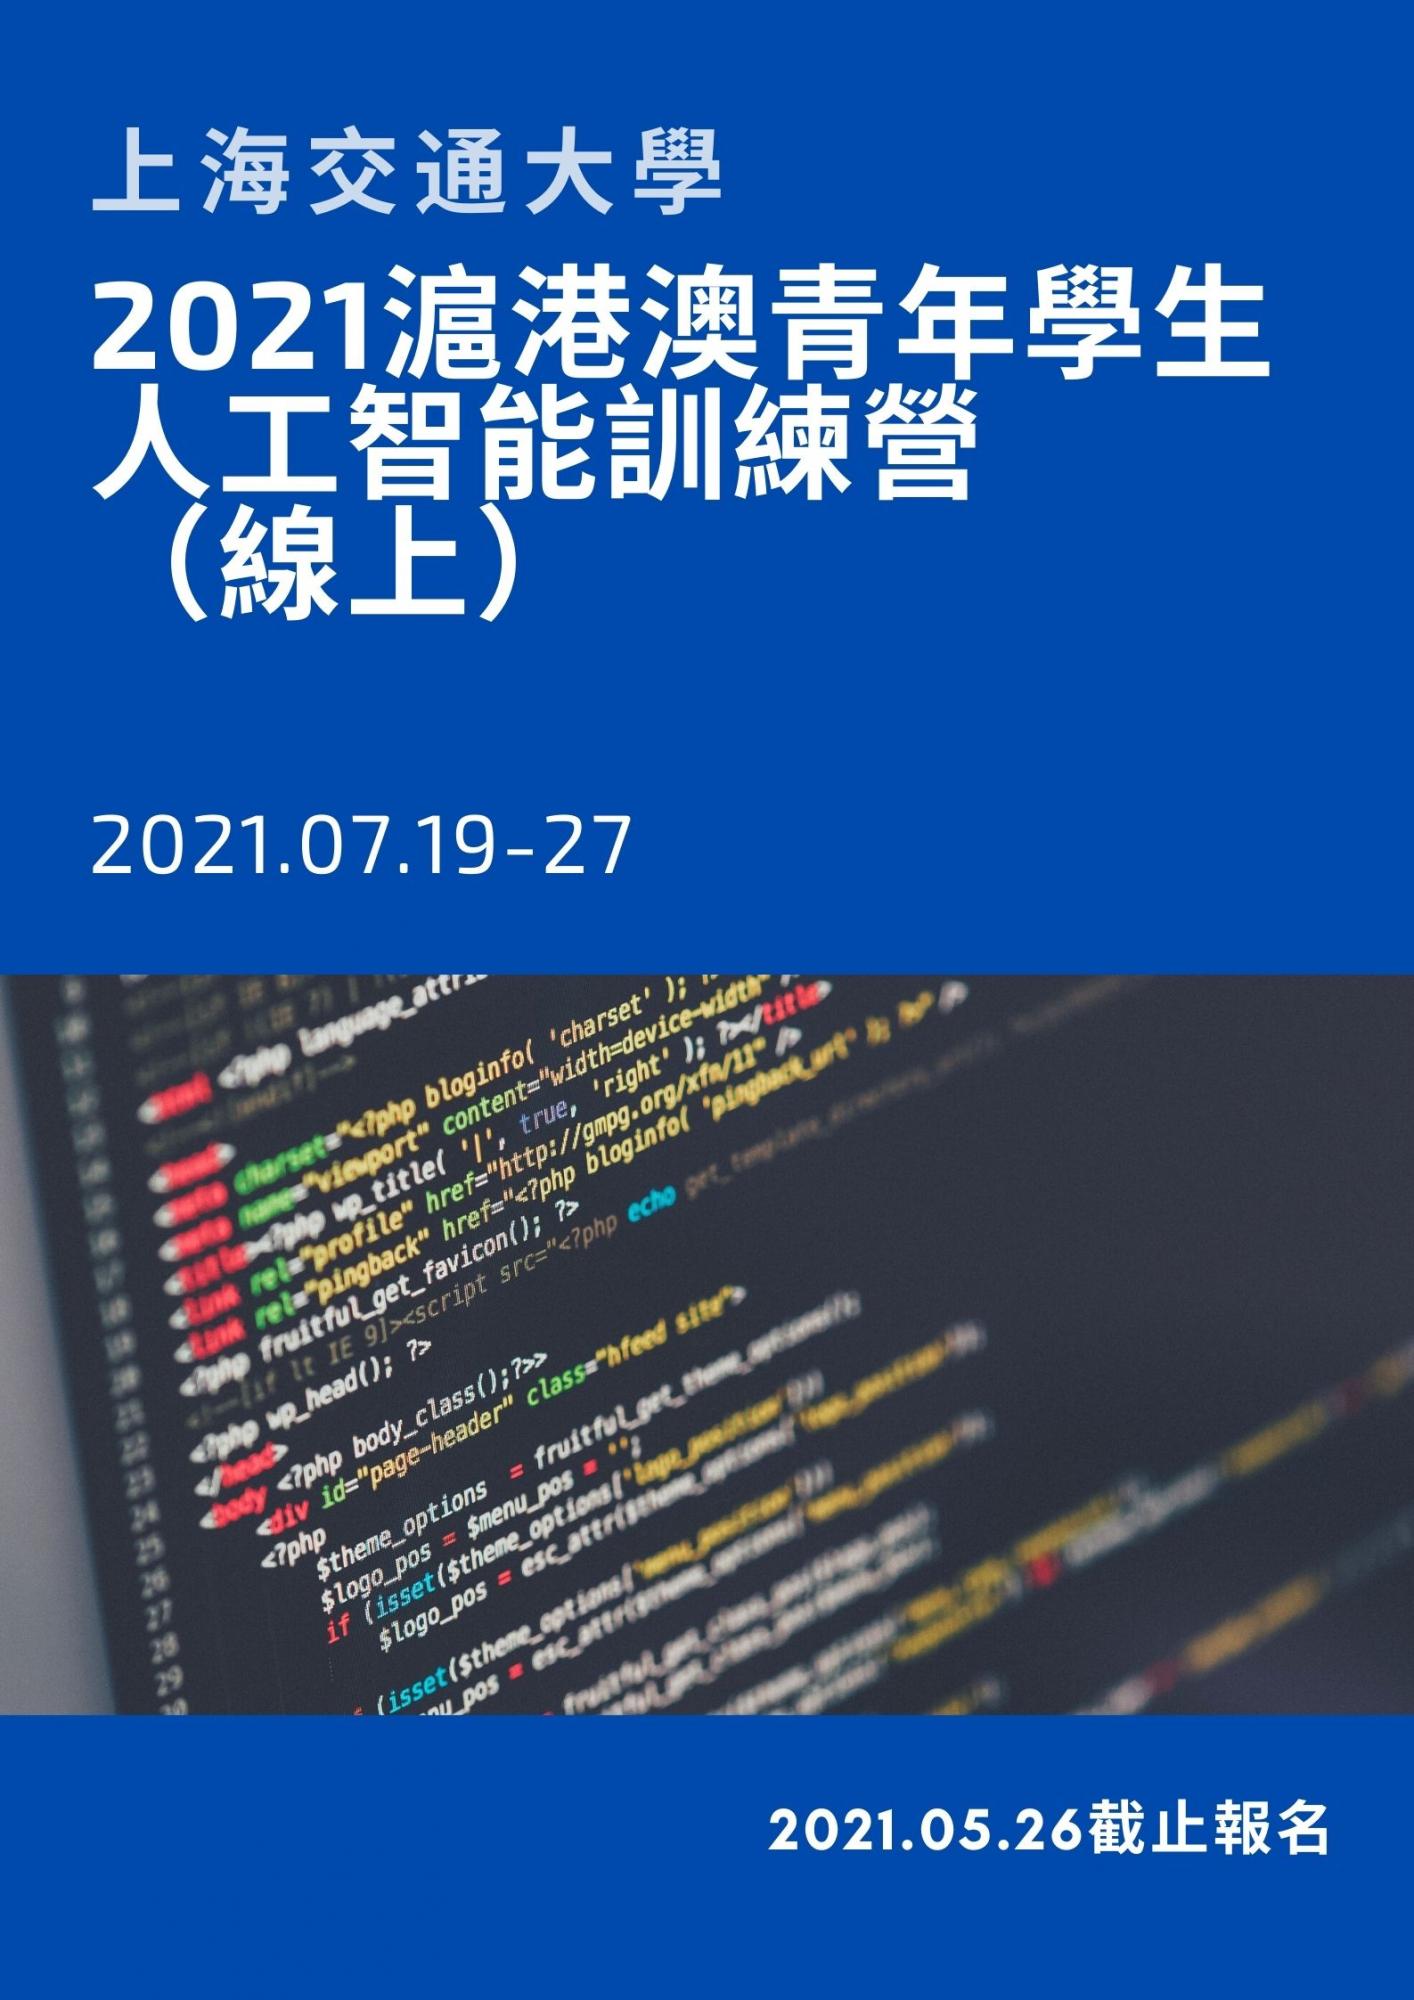 上海交通大學2021滬港澳青年學生人工智能訓練營(線上)